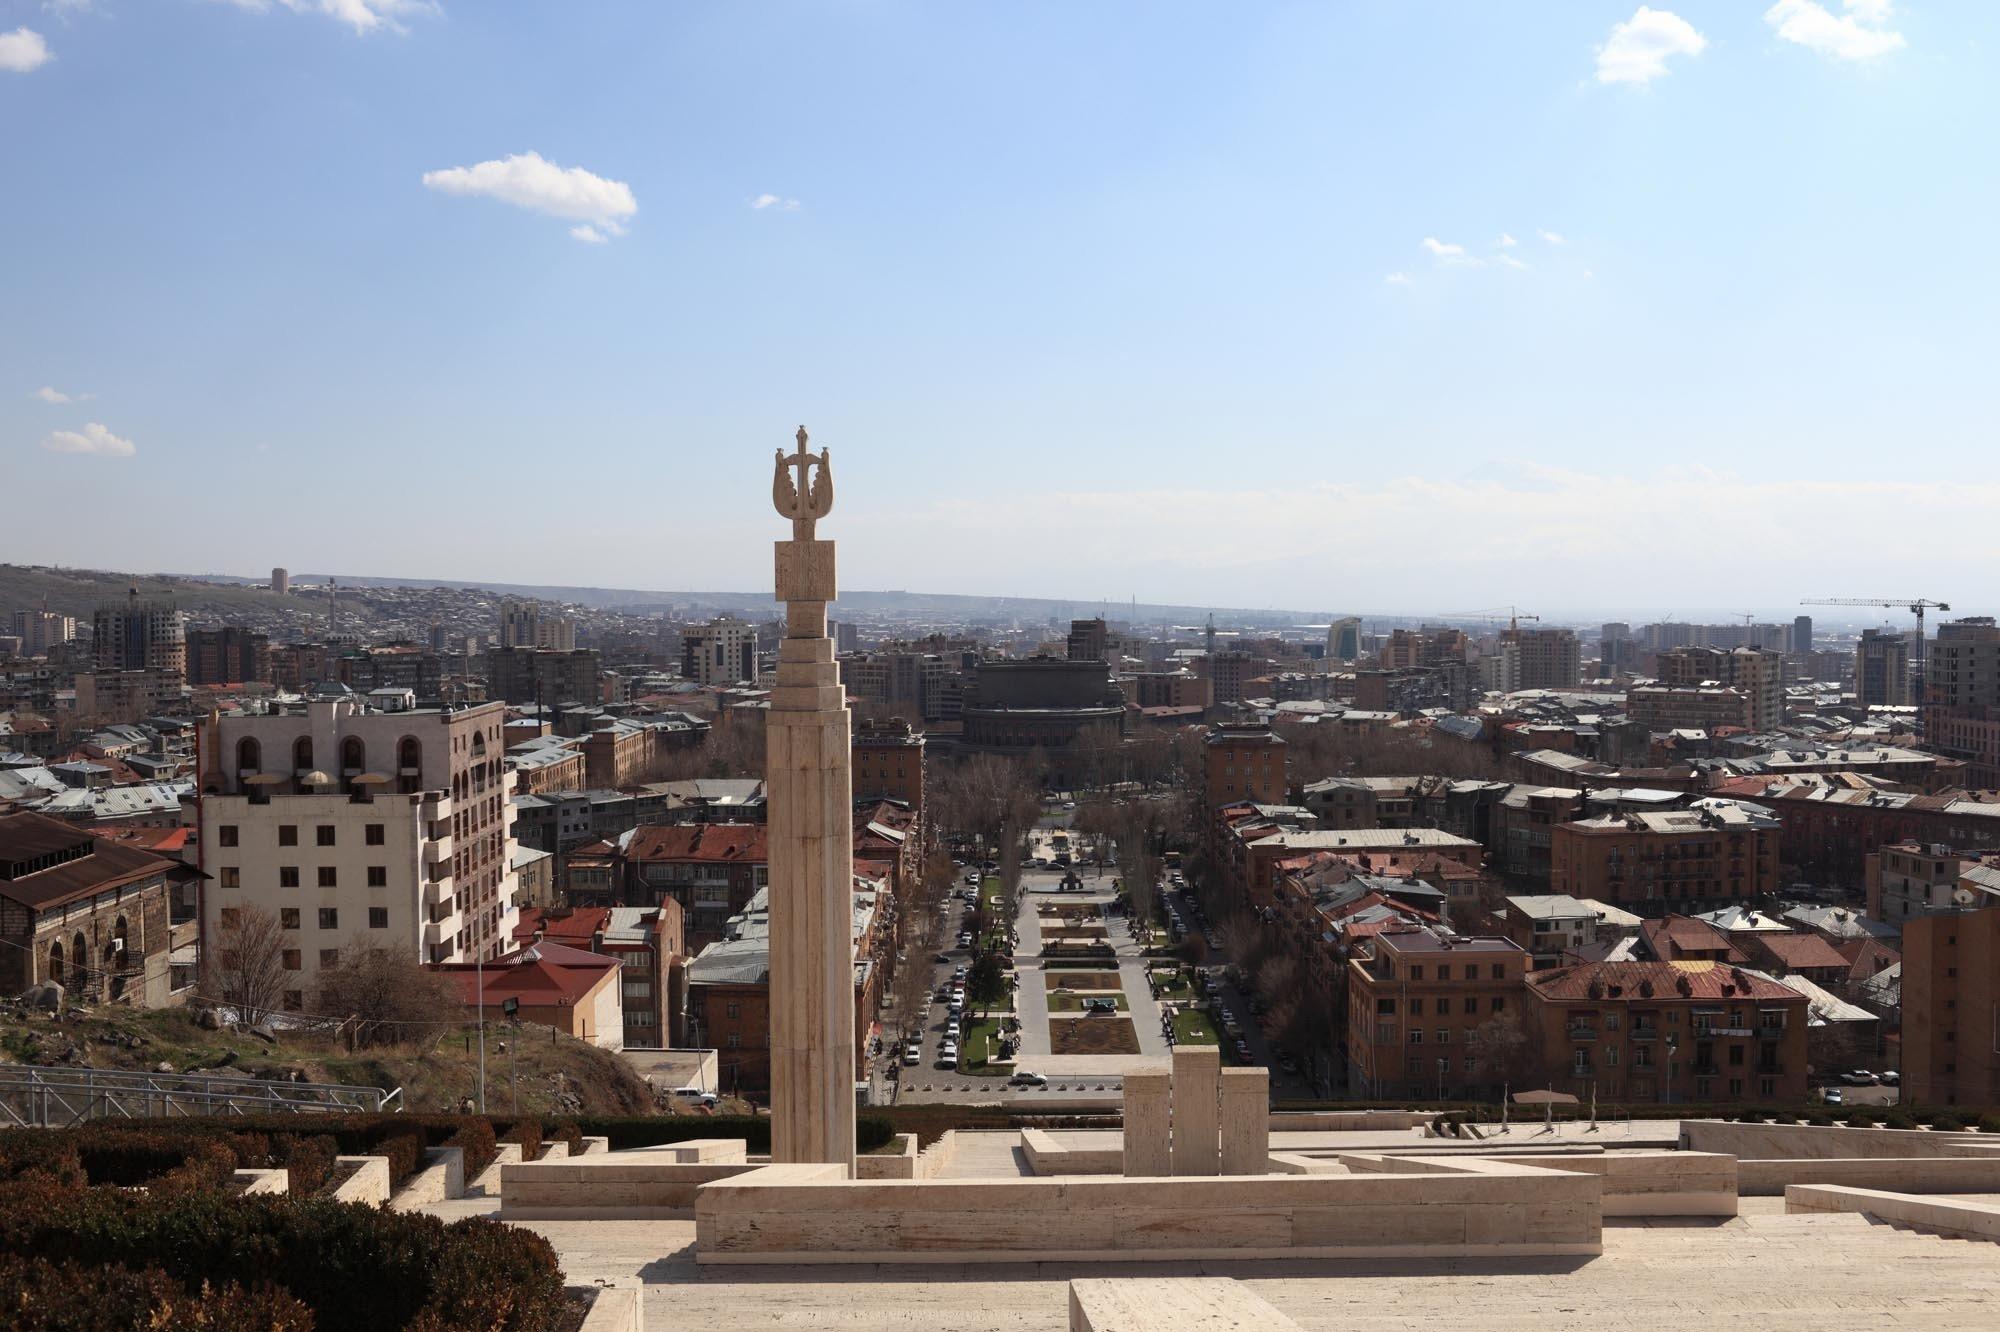 Признает ли Армения независимость Нагорного Карабаха?